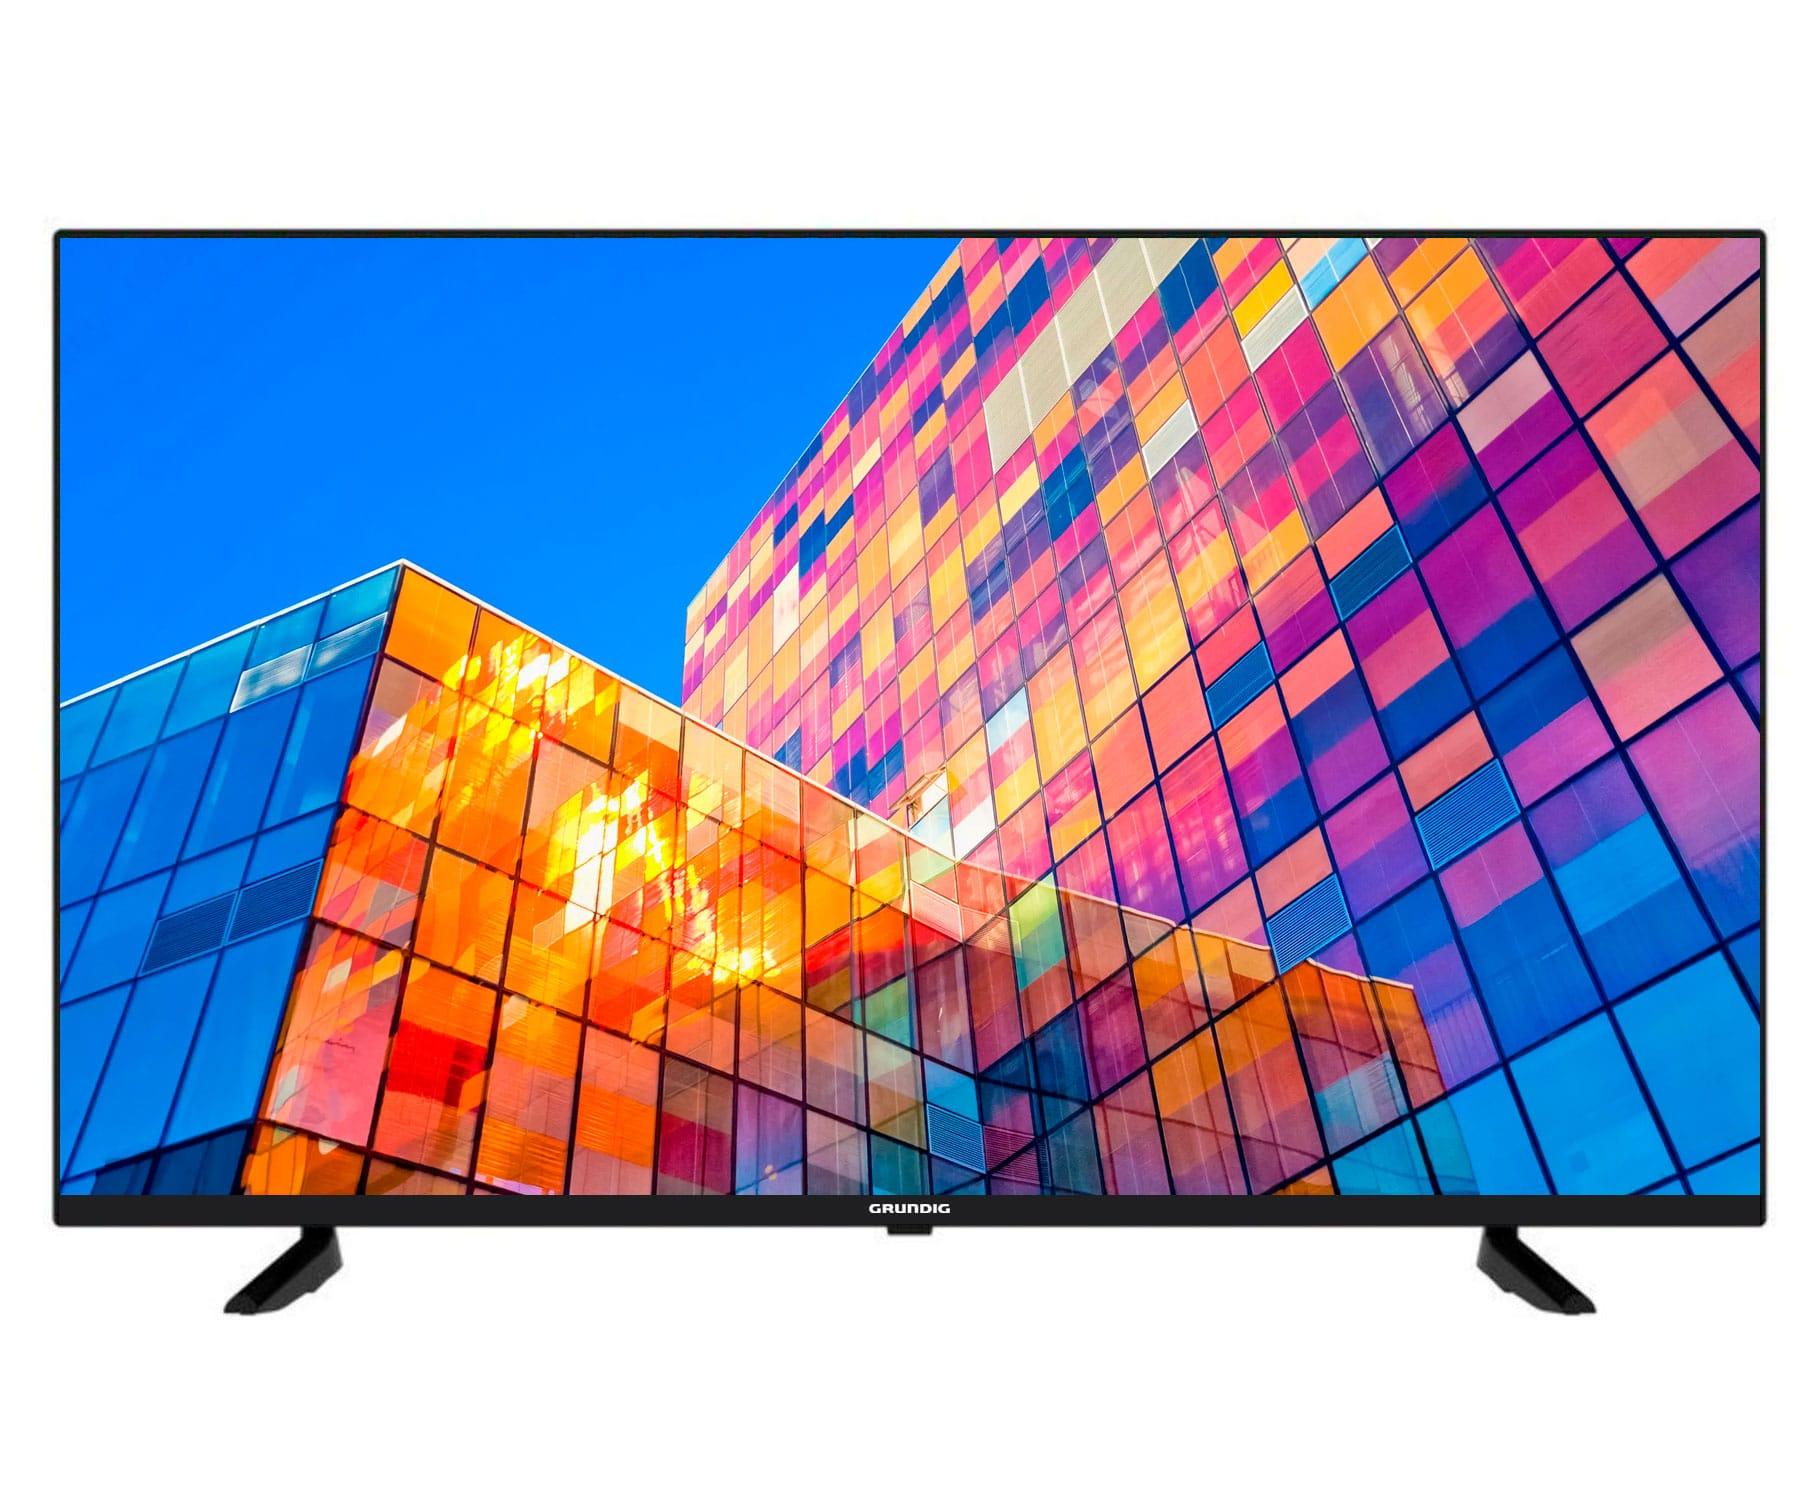 """GRUNDIG 50GFU7800B TELEVISOR SMART TV 50"""" UHD 4K HDR"""